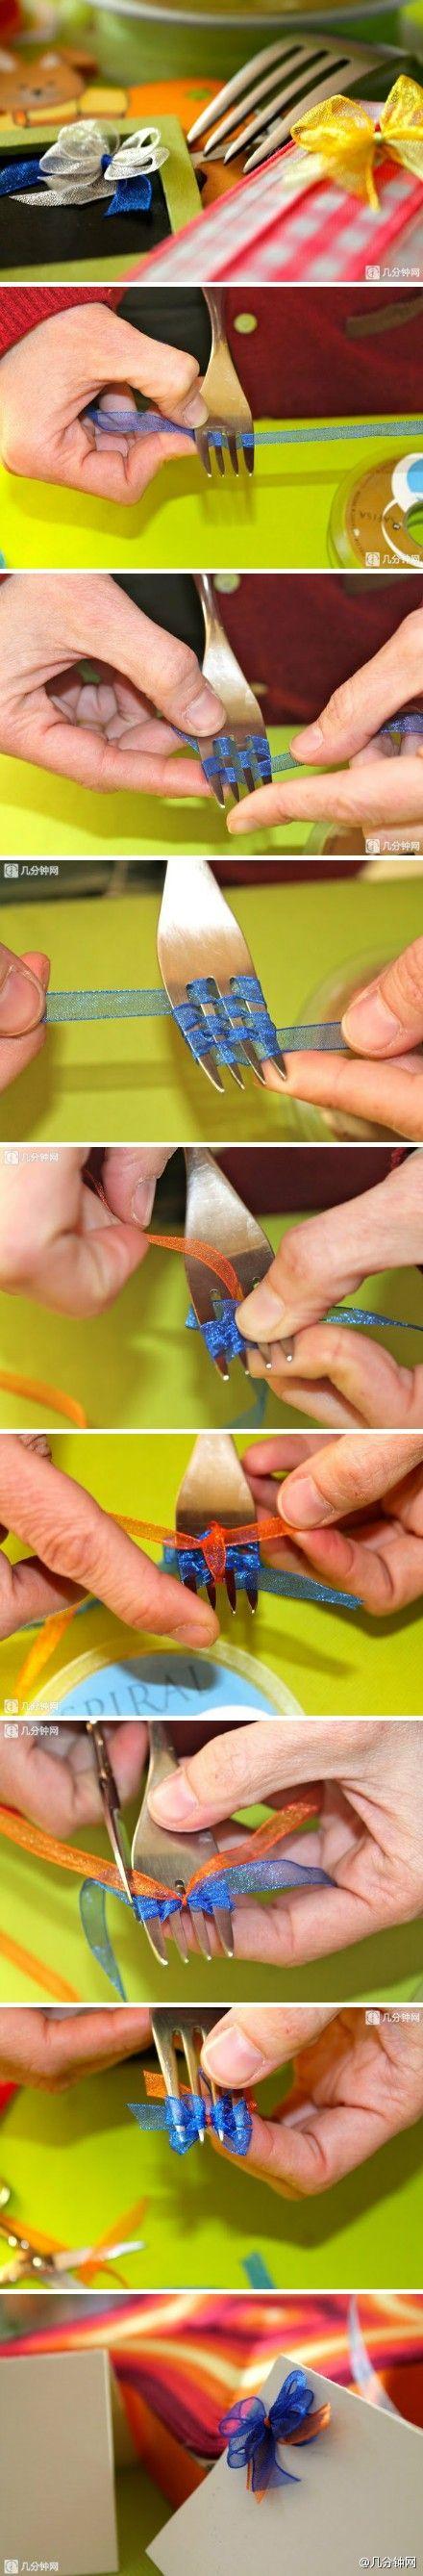 Ensiná-lo a jogar o arco com um garfo, embrulhar presentes em